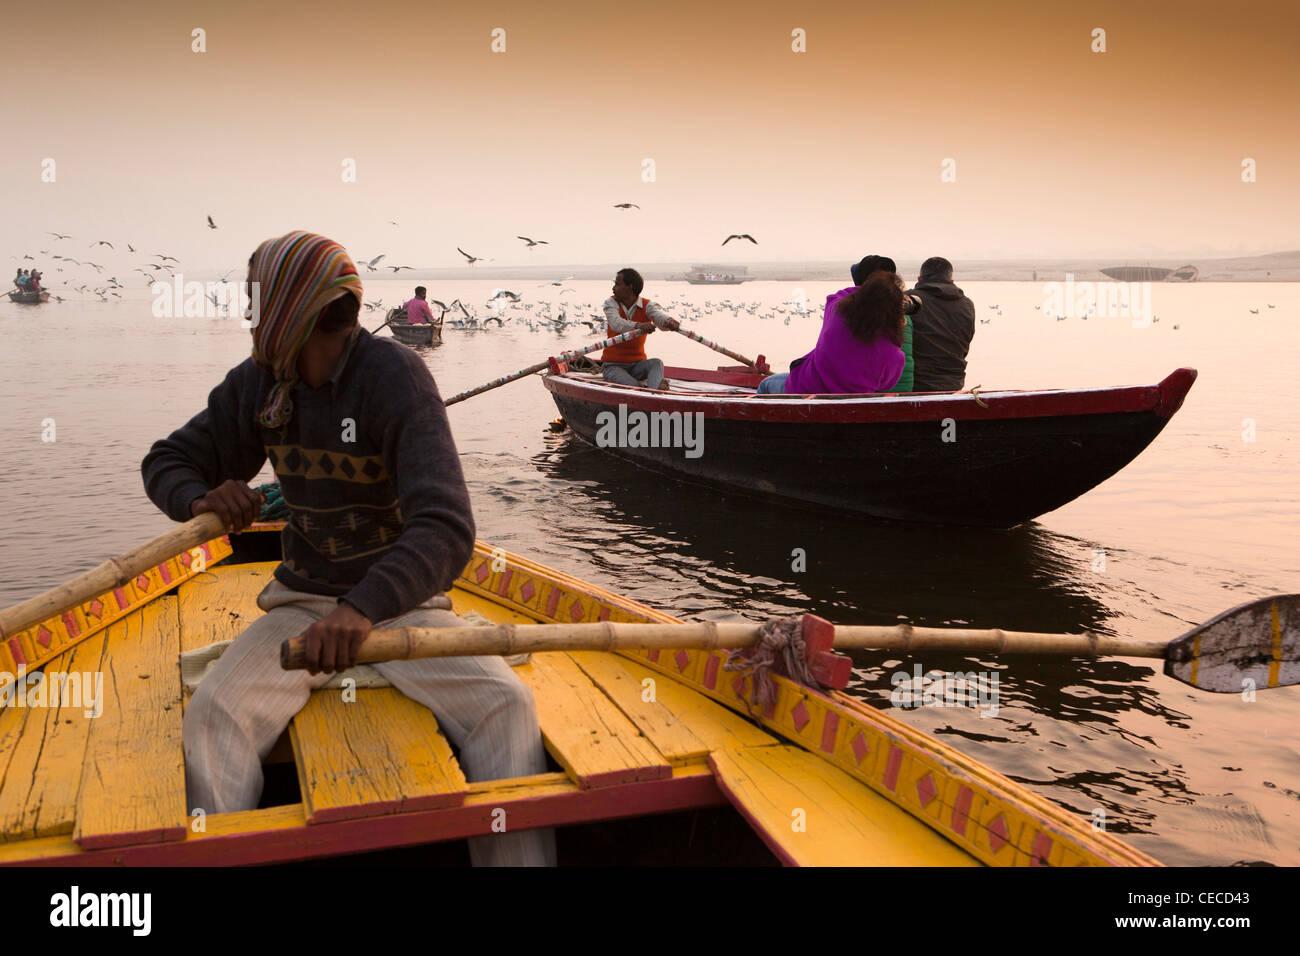 La India, Uttar Pradesh, Varanasi, temprano en la mañana, turistas disfrutando del amanecer tour en barco a Imagen De Stock